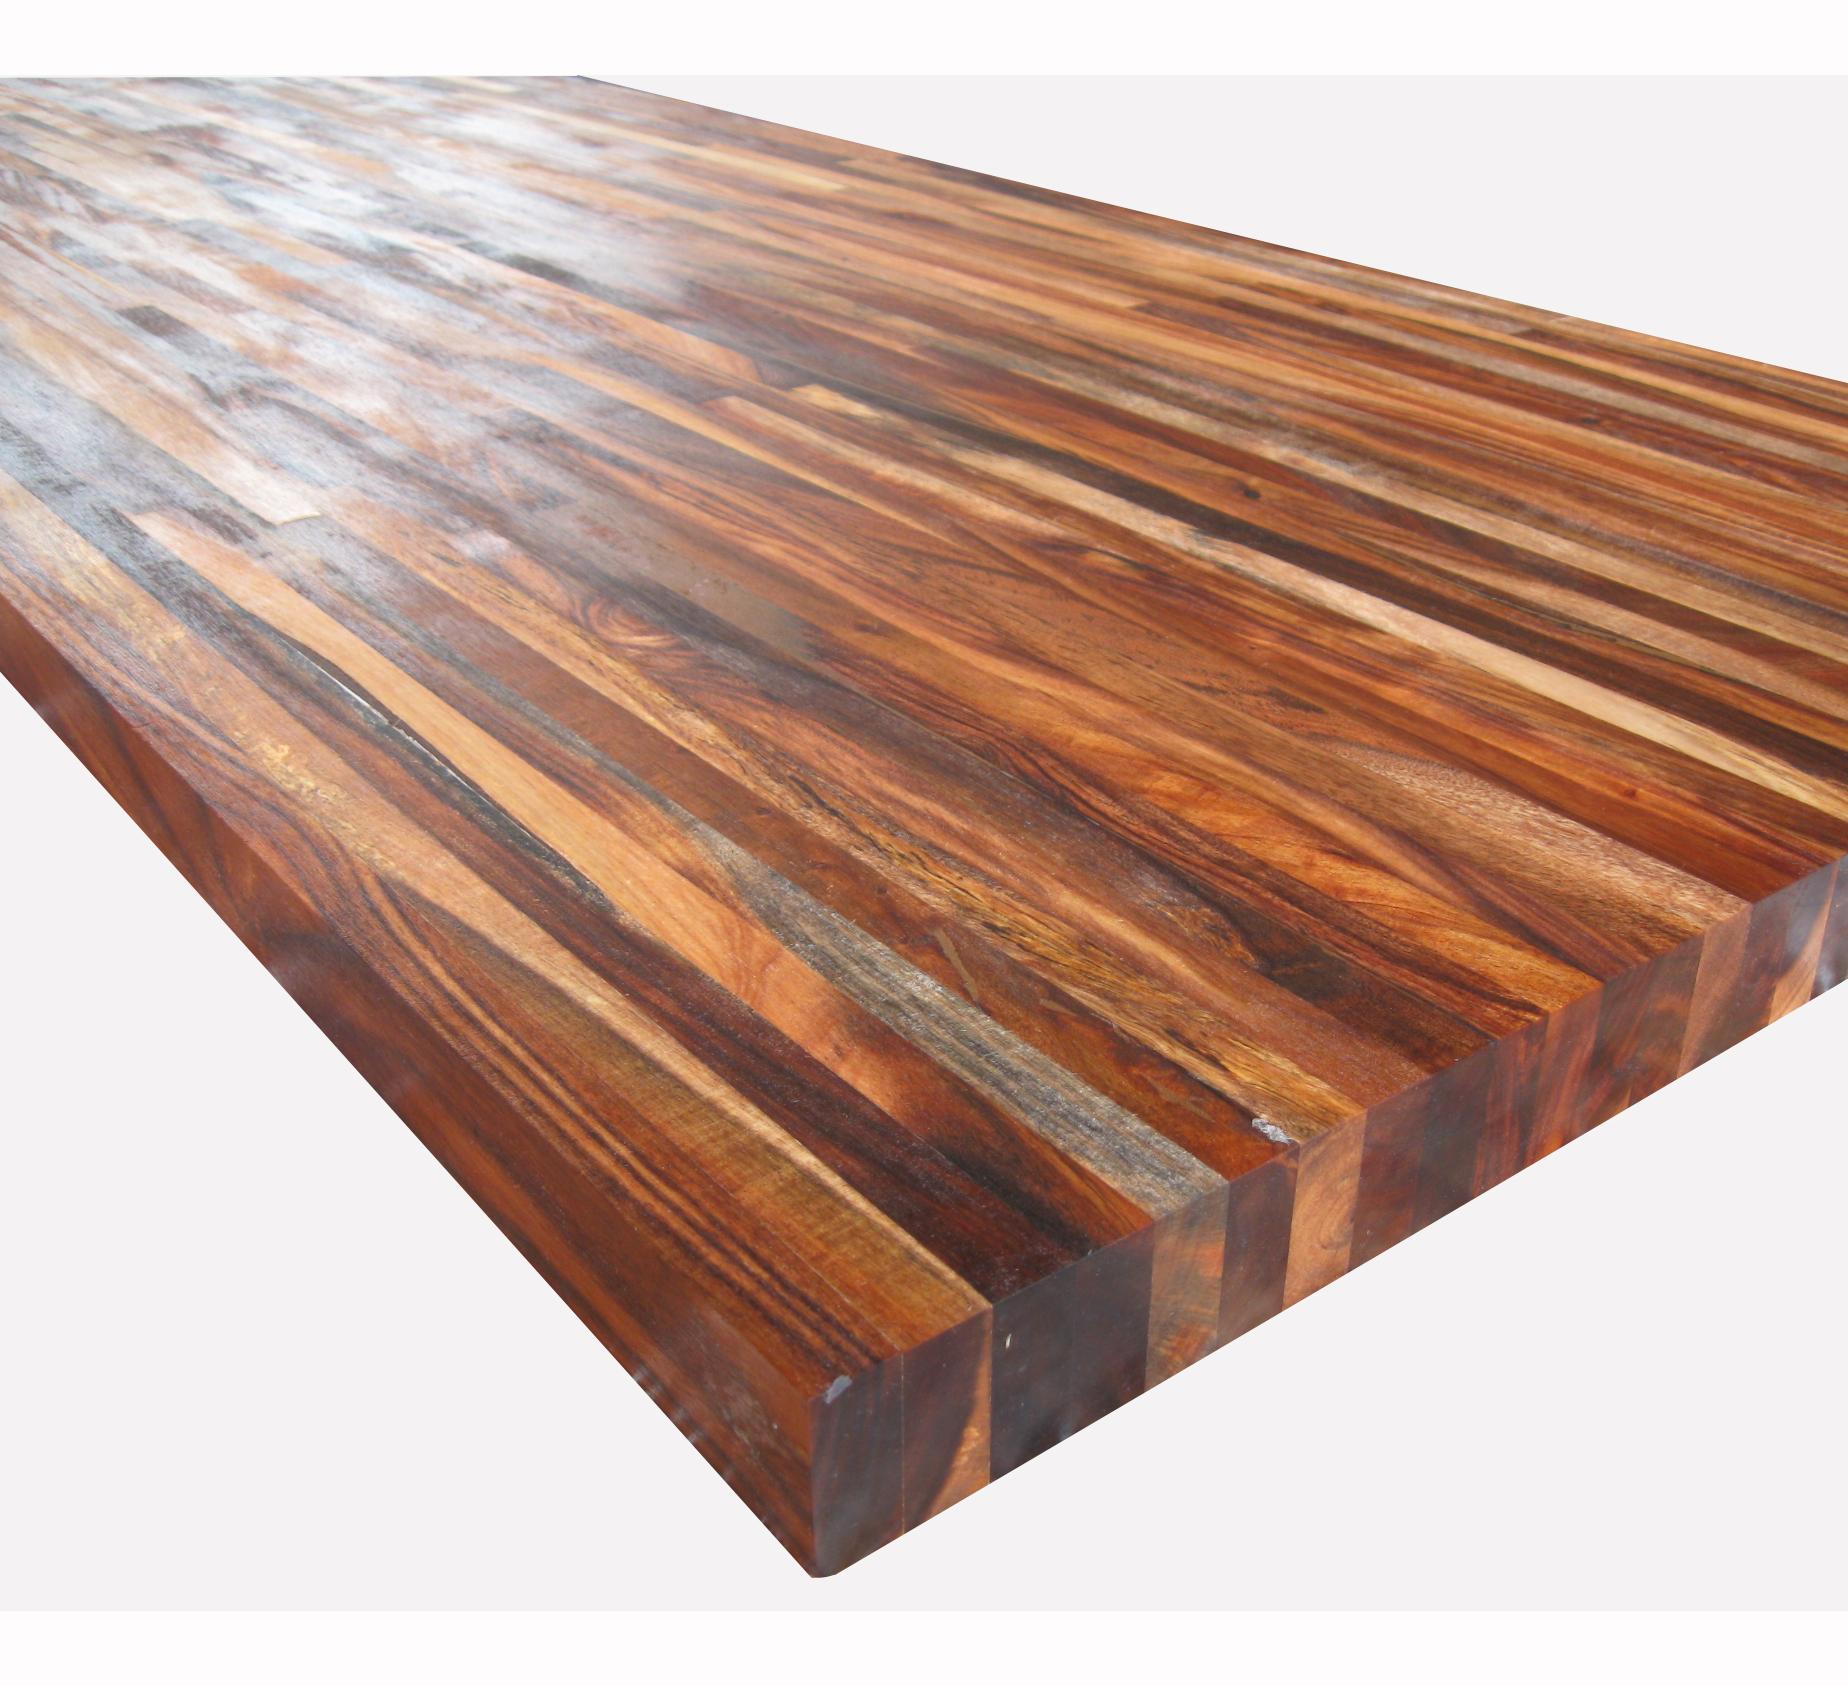 - Asian Walnut Wooden Coffee Table,100% Fsc Certified - Buy Raw